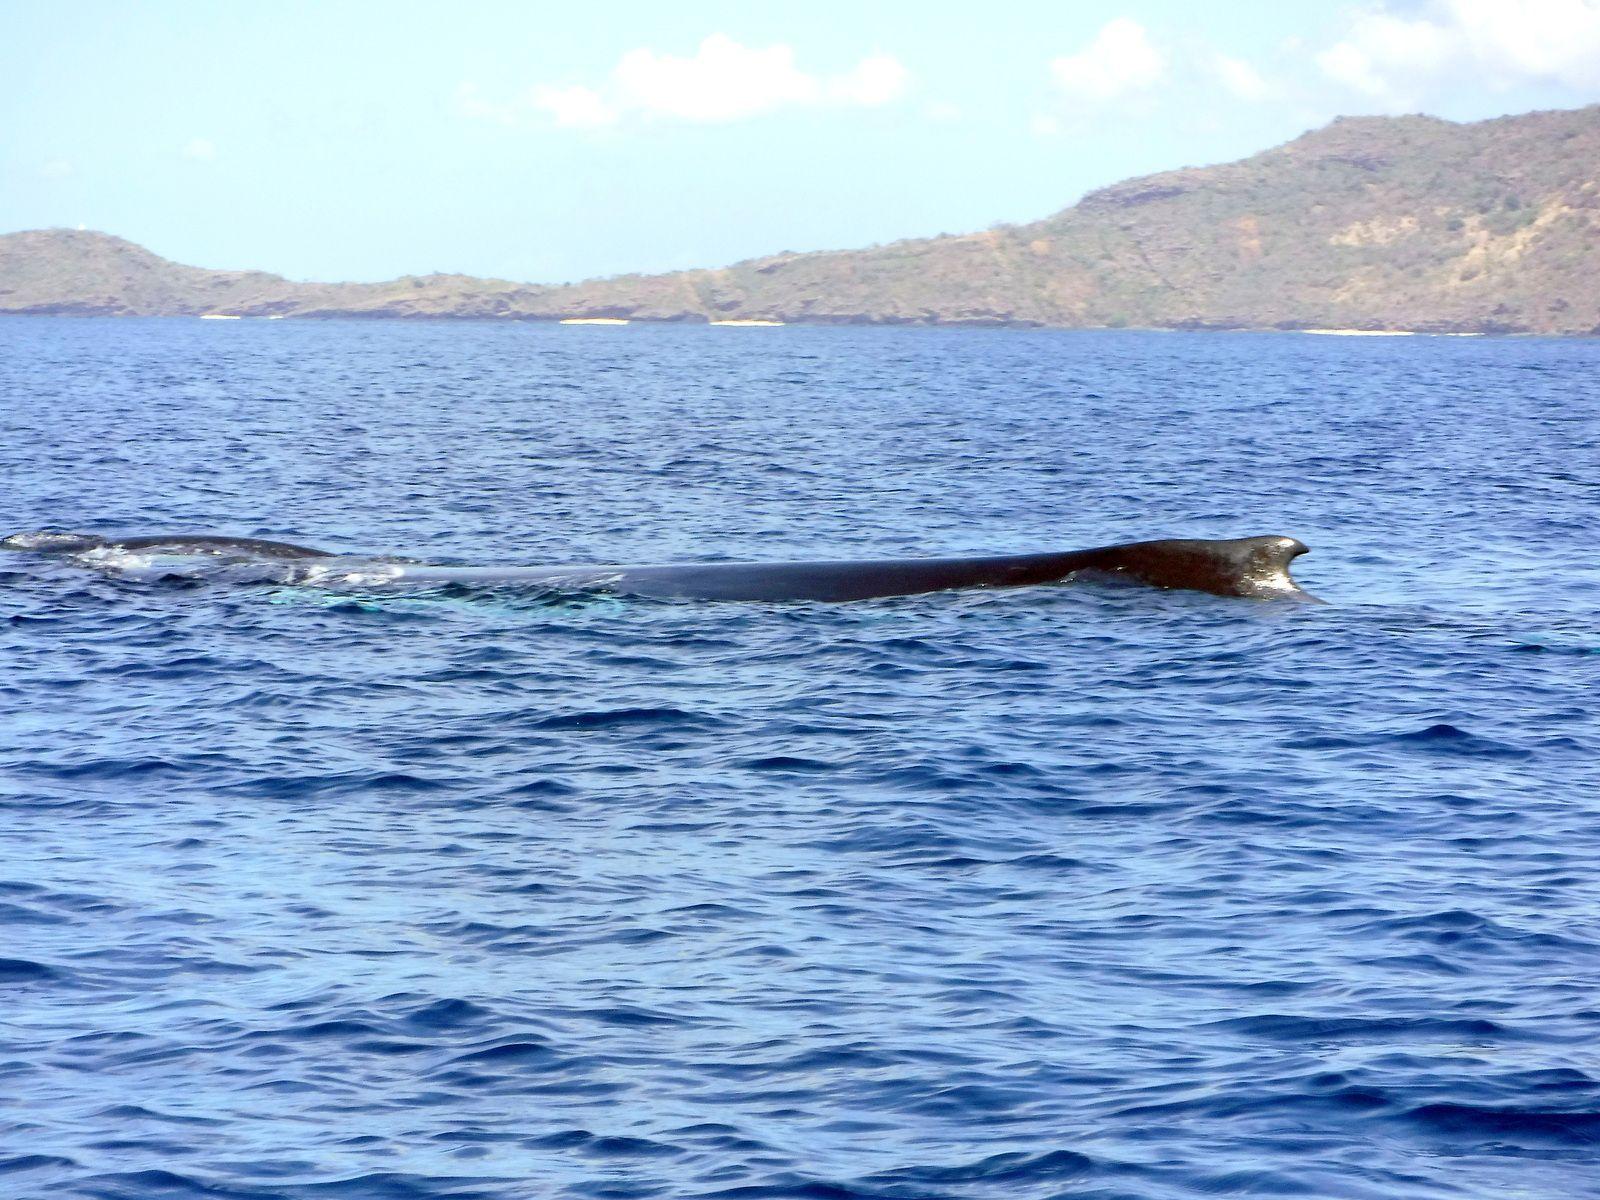 La baleine propulse son petit devant elle, photo Anaële